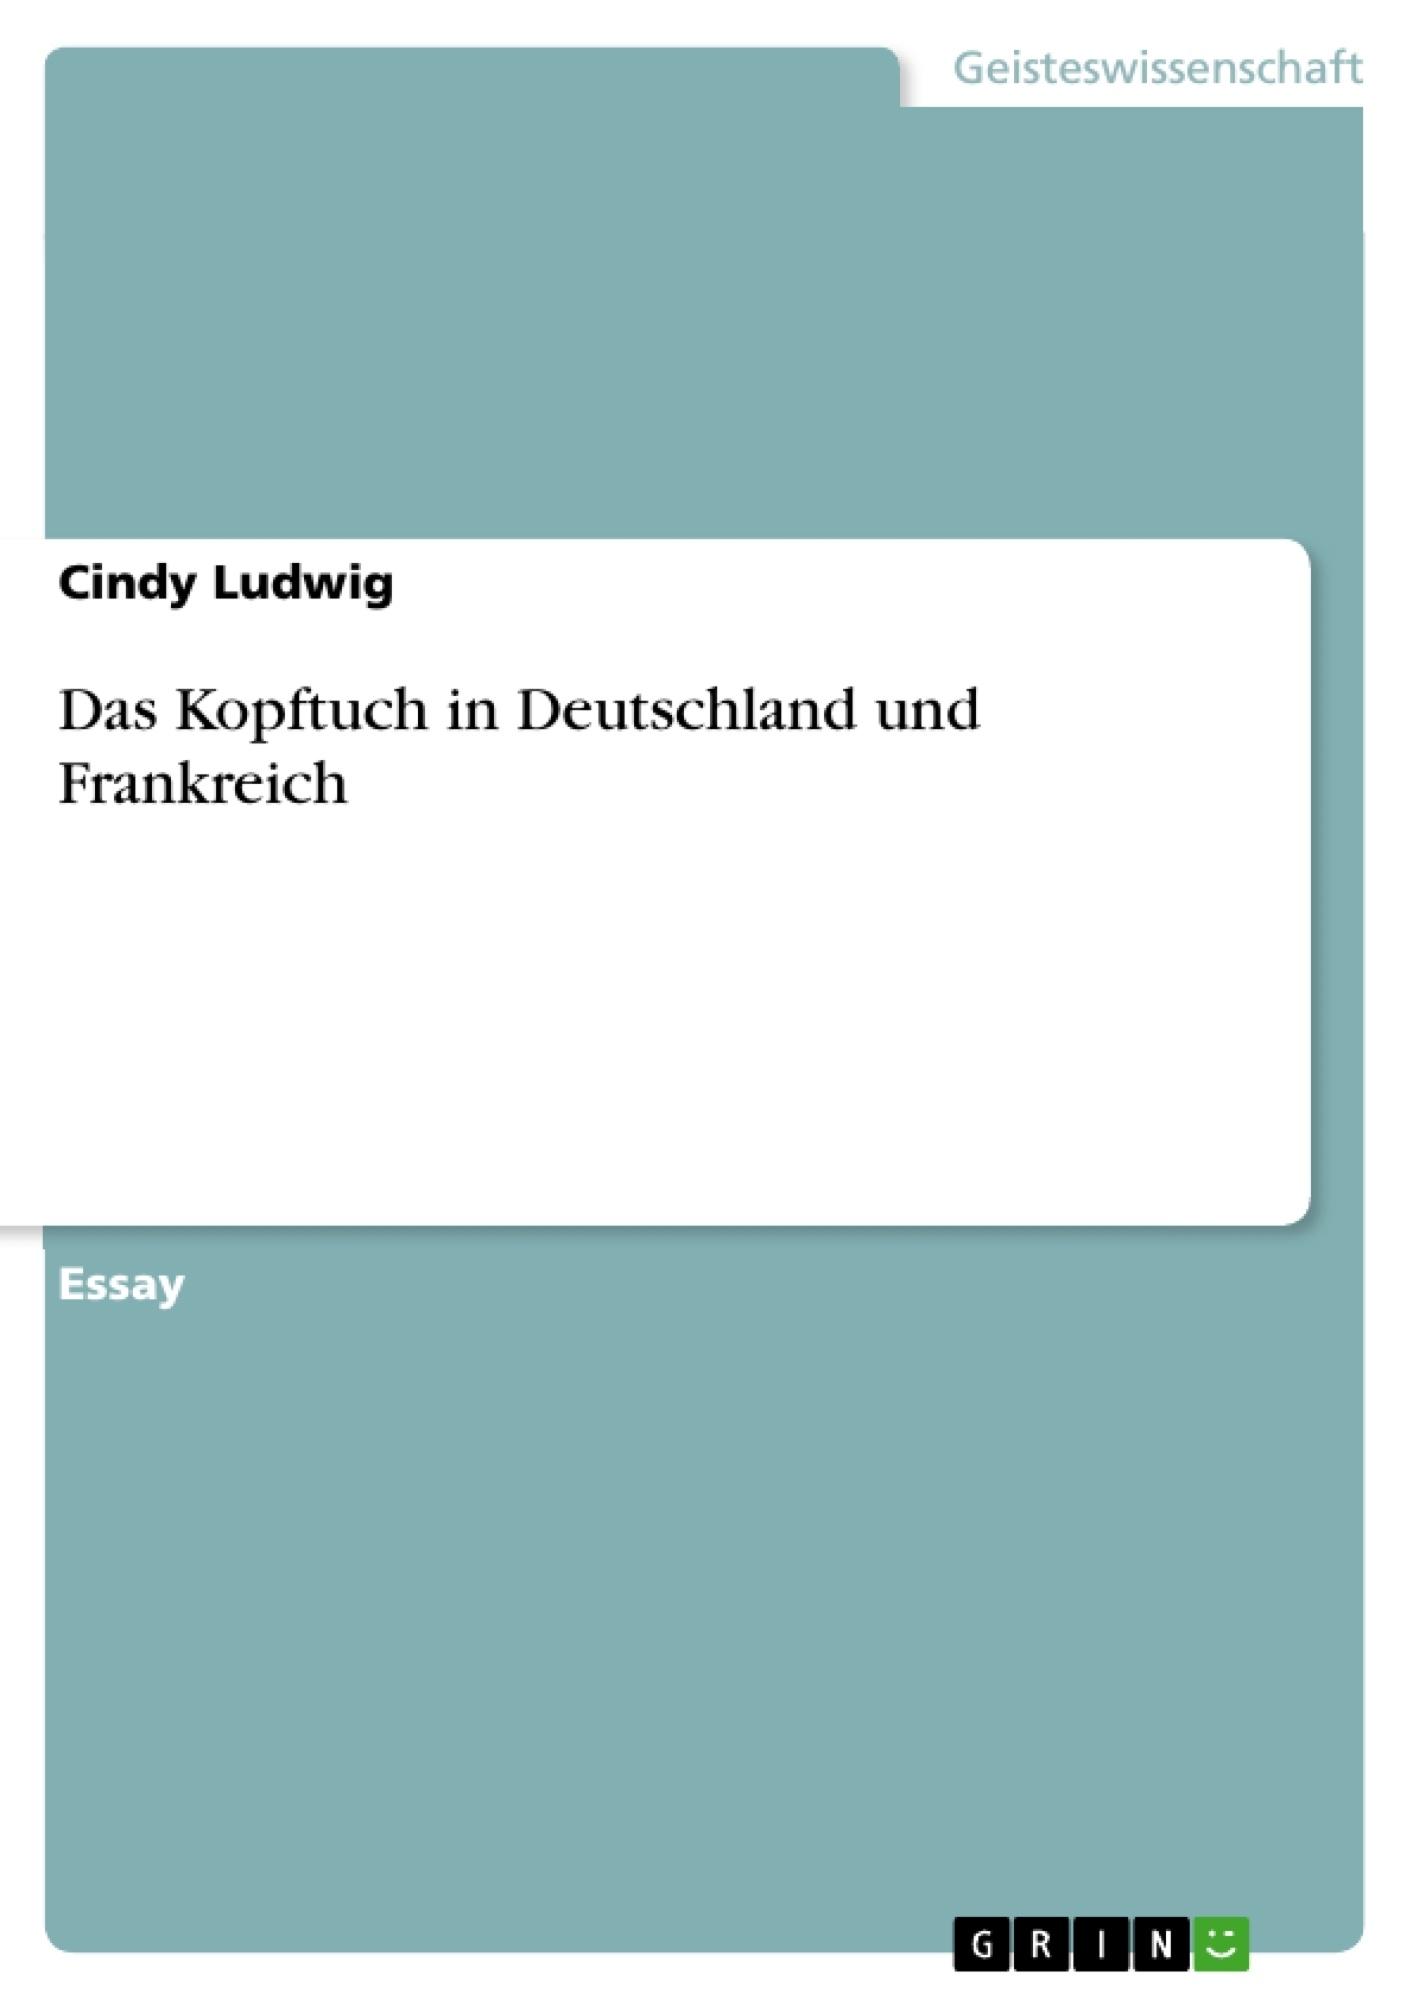 Titel: Das Kopftuch in Deutschland und Frankreich